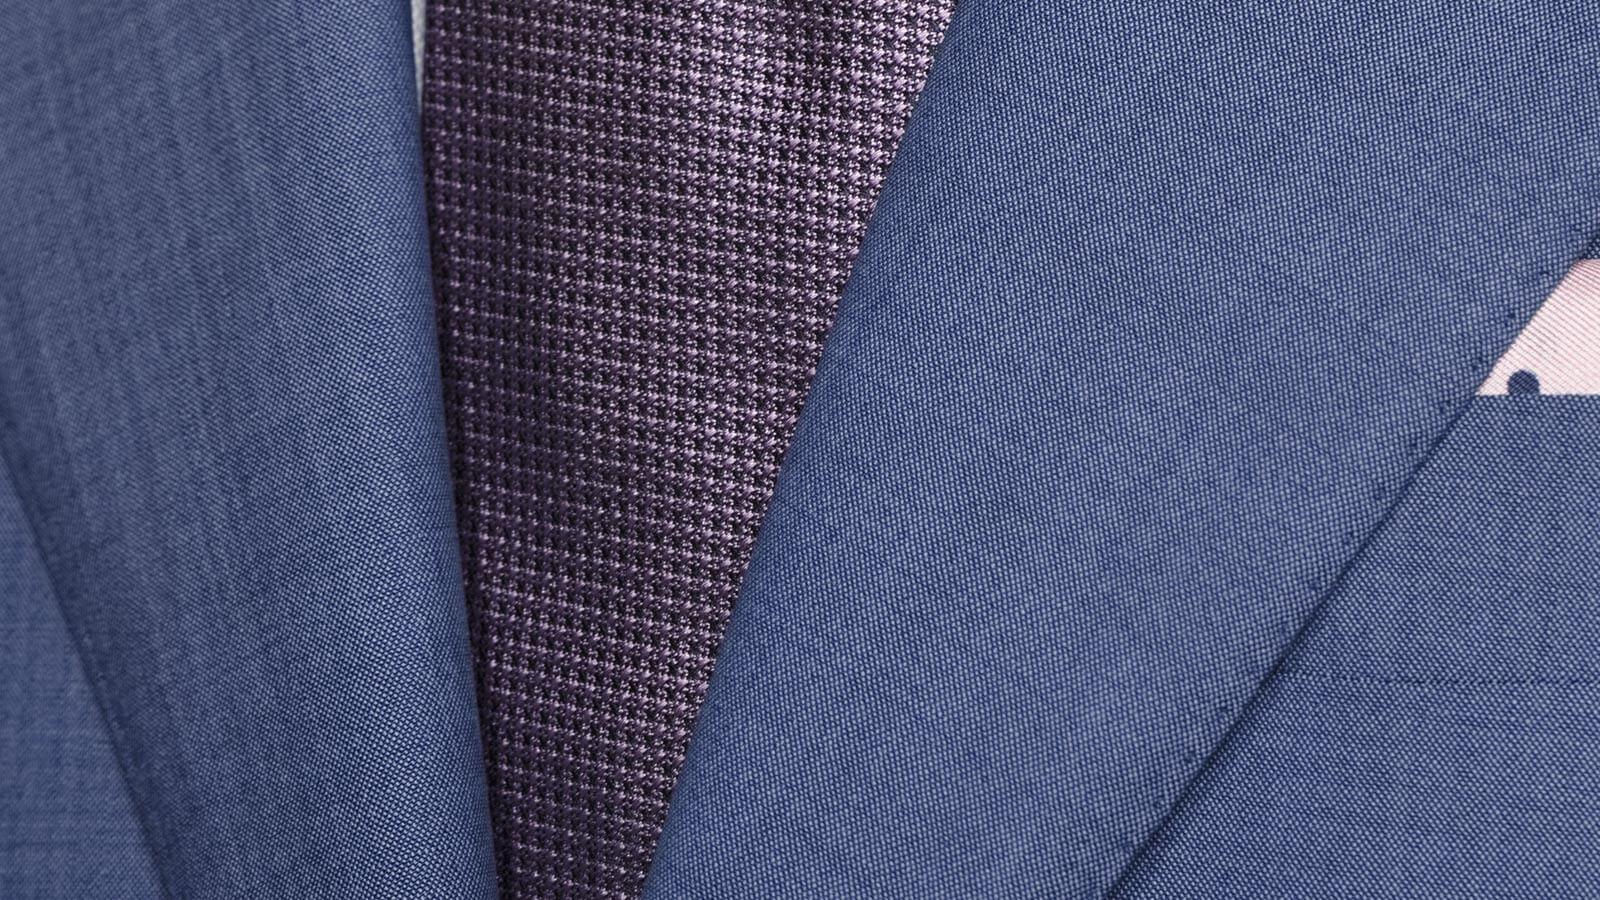 Solid Sky Blue Bi-Stretch Suit - slider image 1